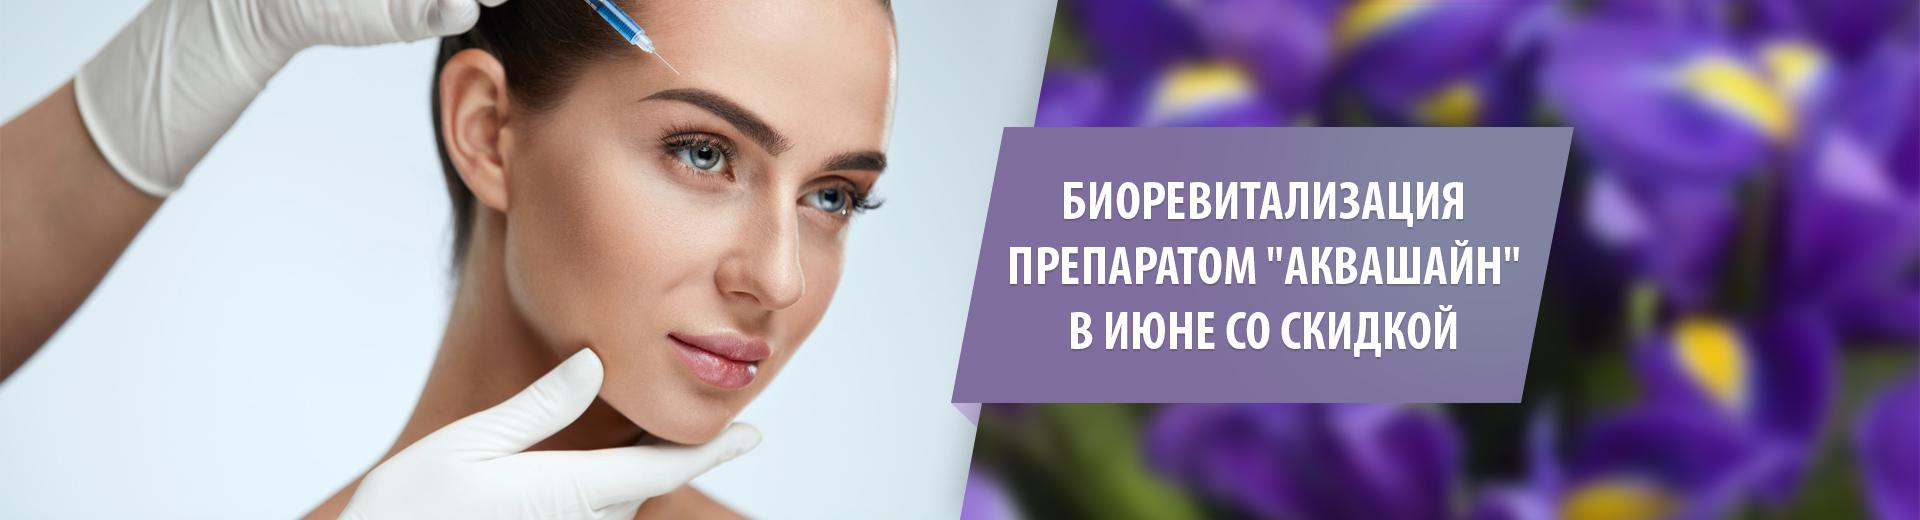 """Биоревитализация препаратом """"Аквашайн"""" со скидкой"""